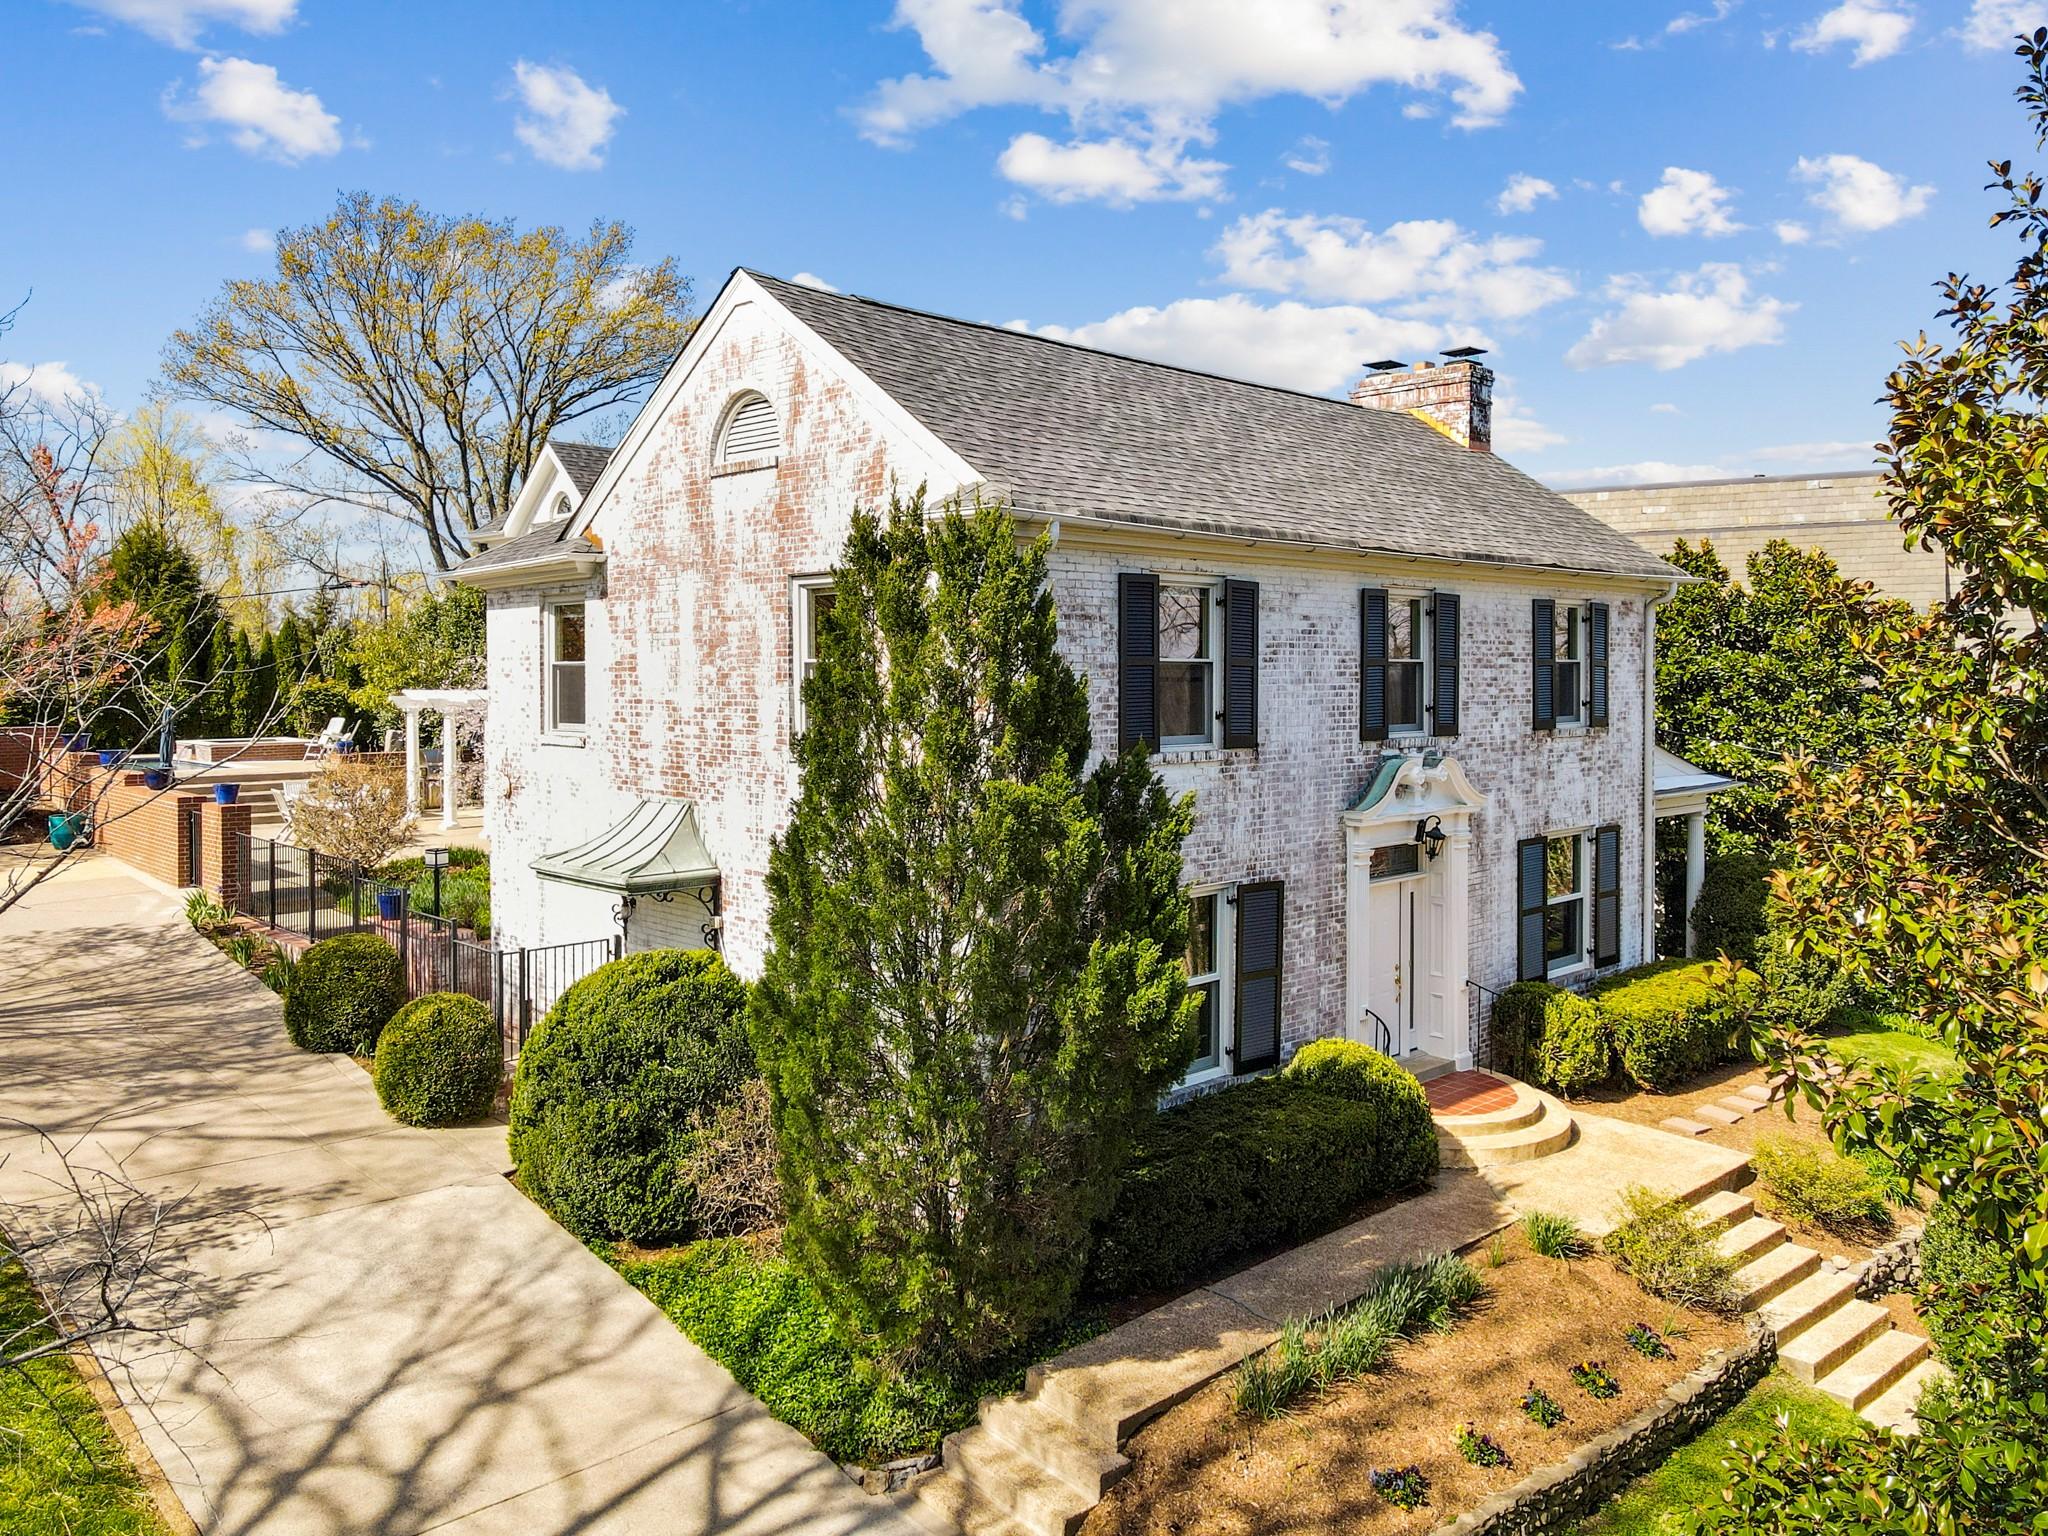 2814 Hillside Dr Property Photo - Nashville, TN real estate listing